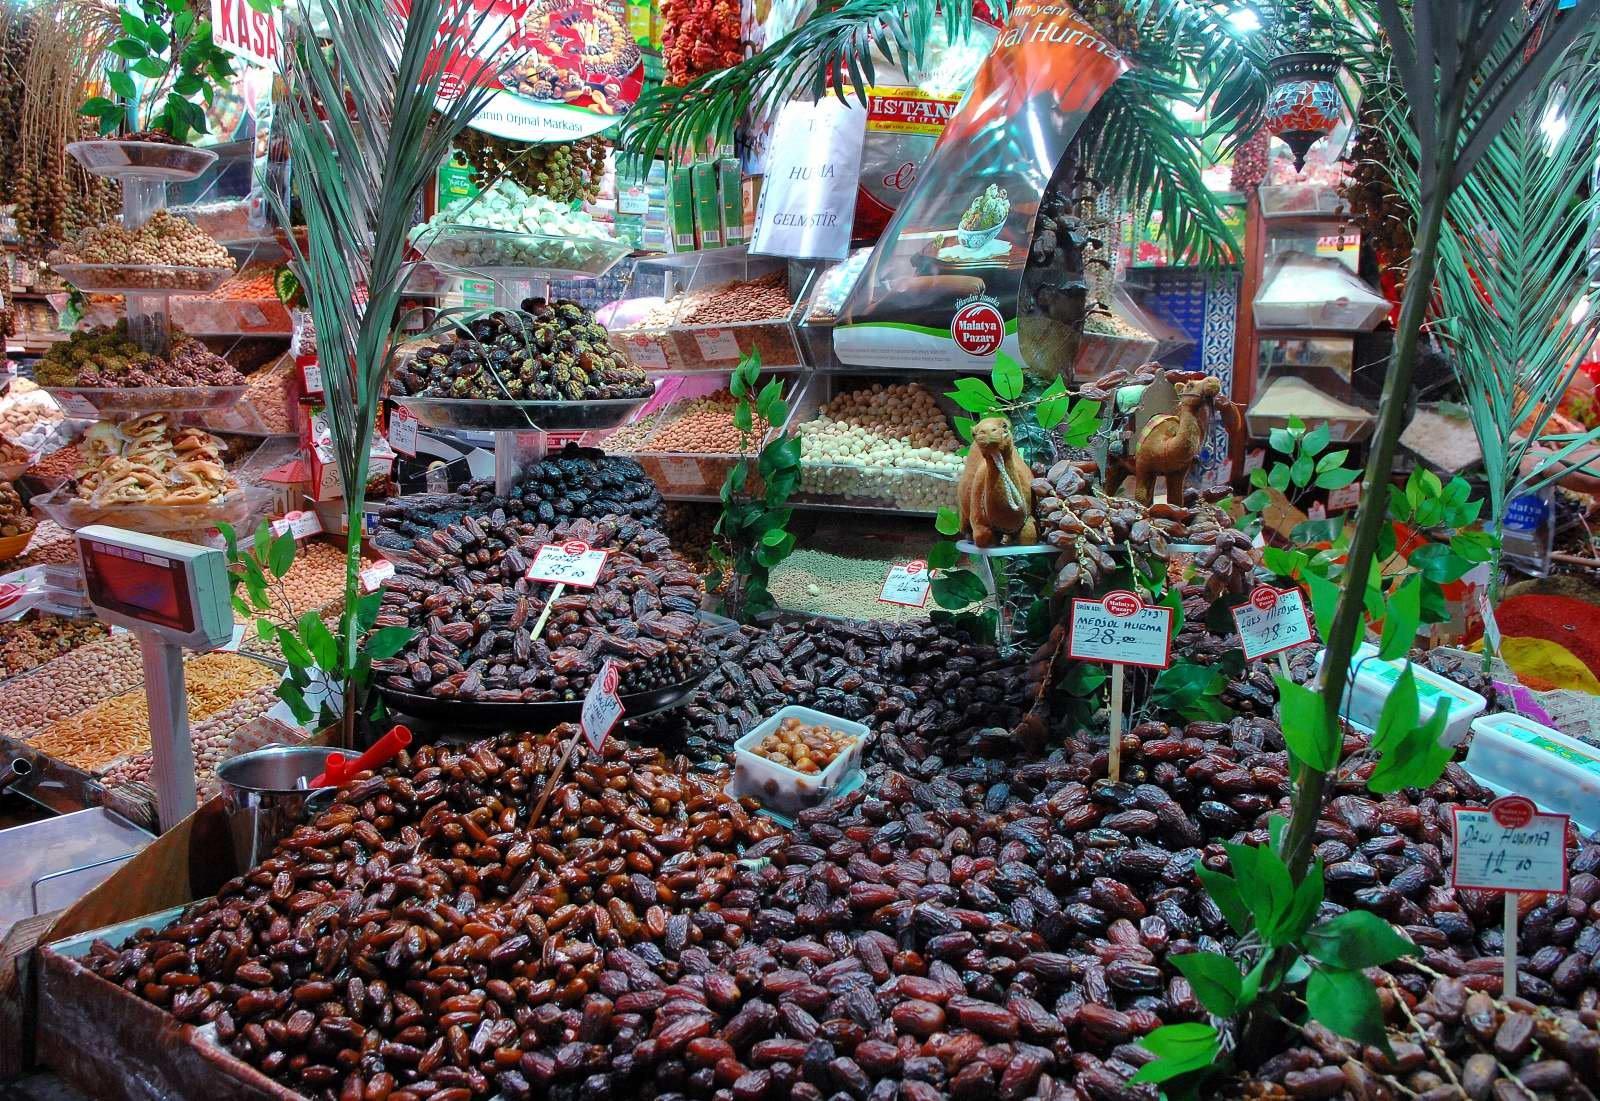 自由的魚: 伊斯坦堡-香料市場(Spice Bazaar)與大市集 (Grand Bazaar)